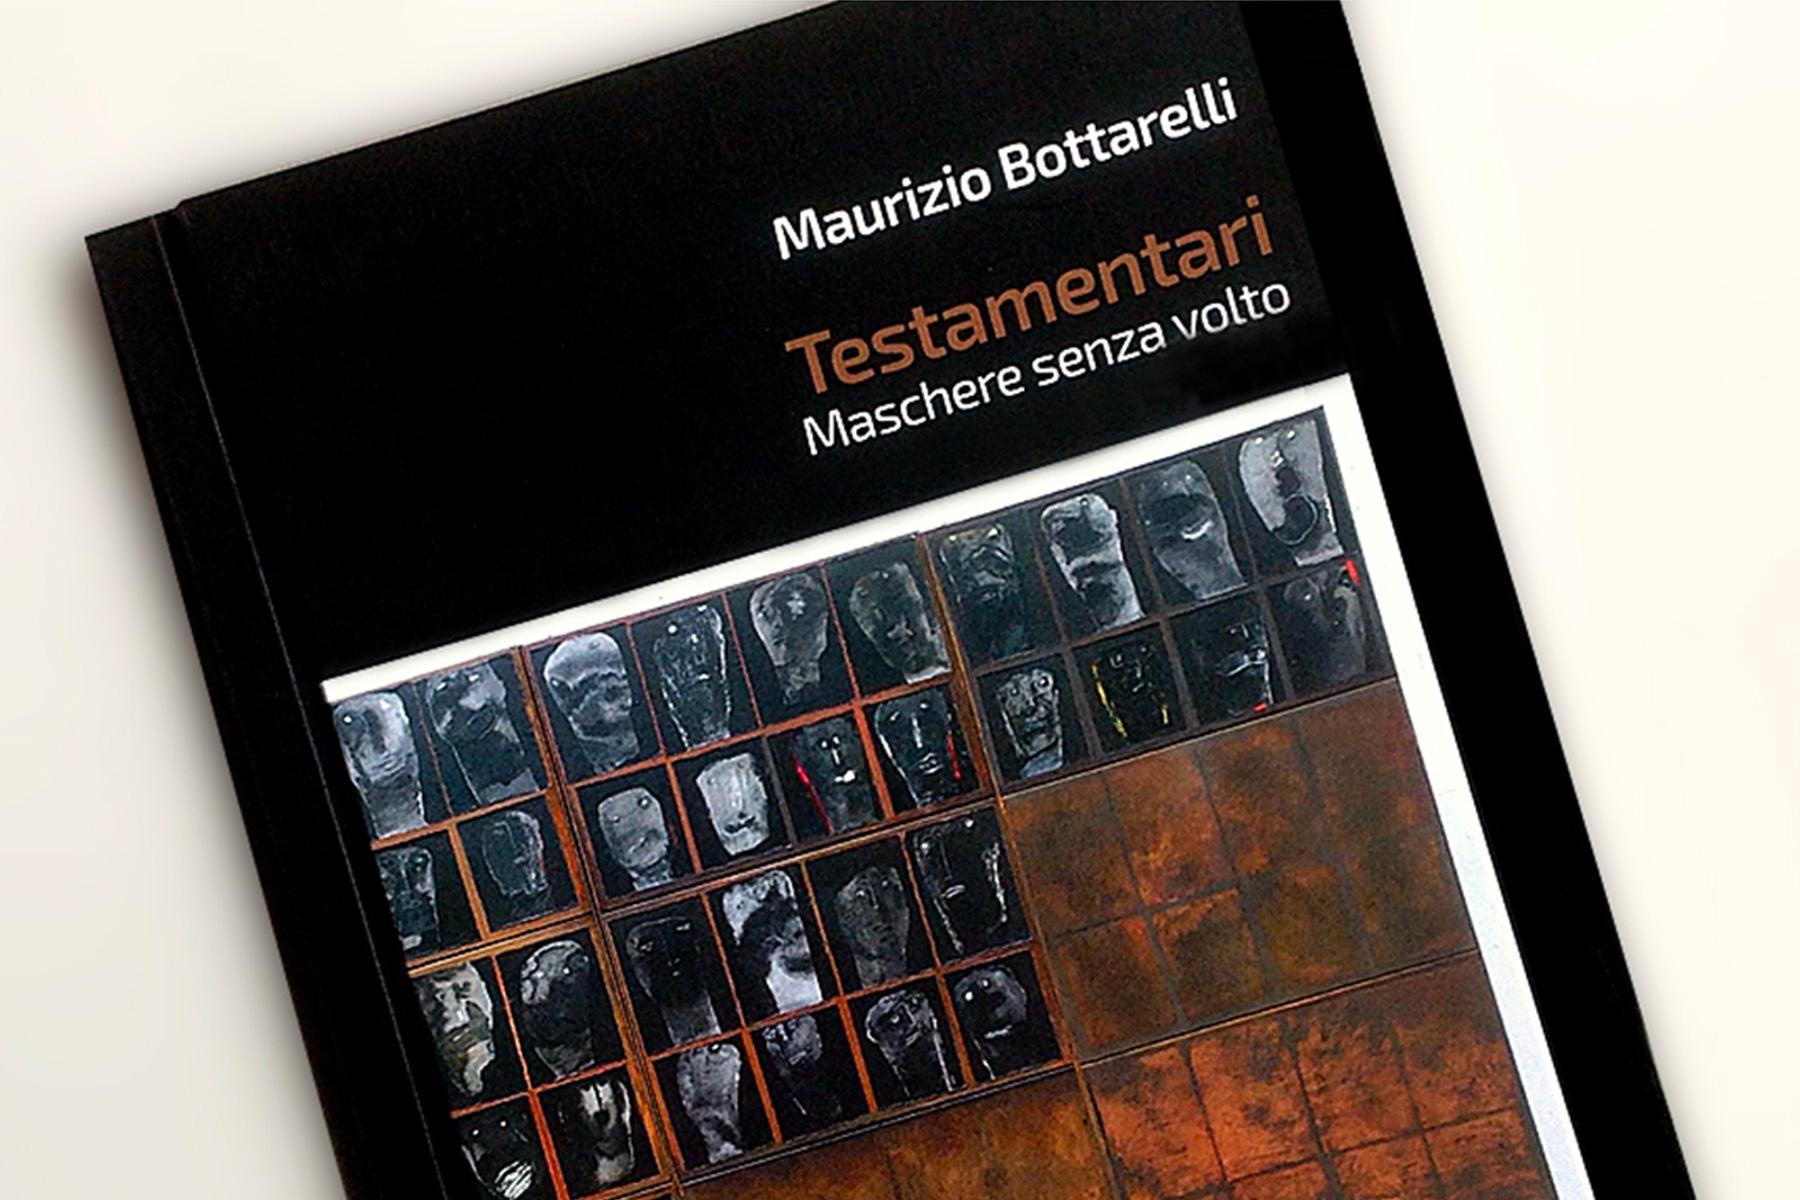 Le teste di Maurizio Bottarelli